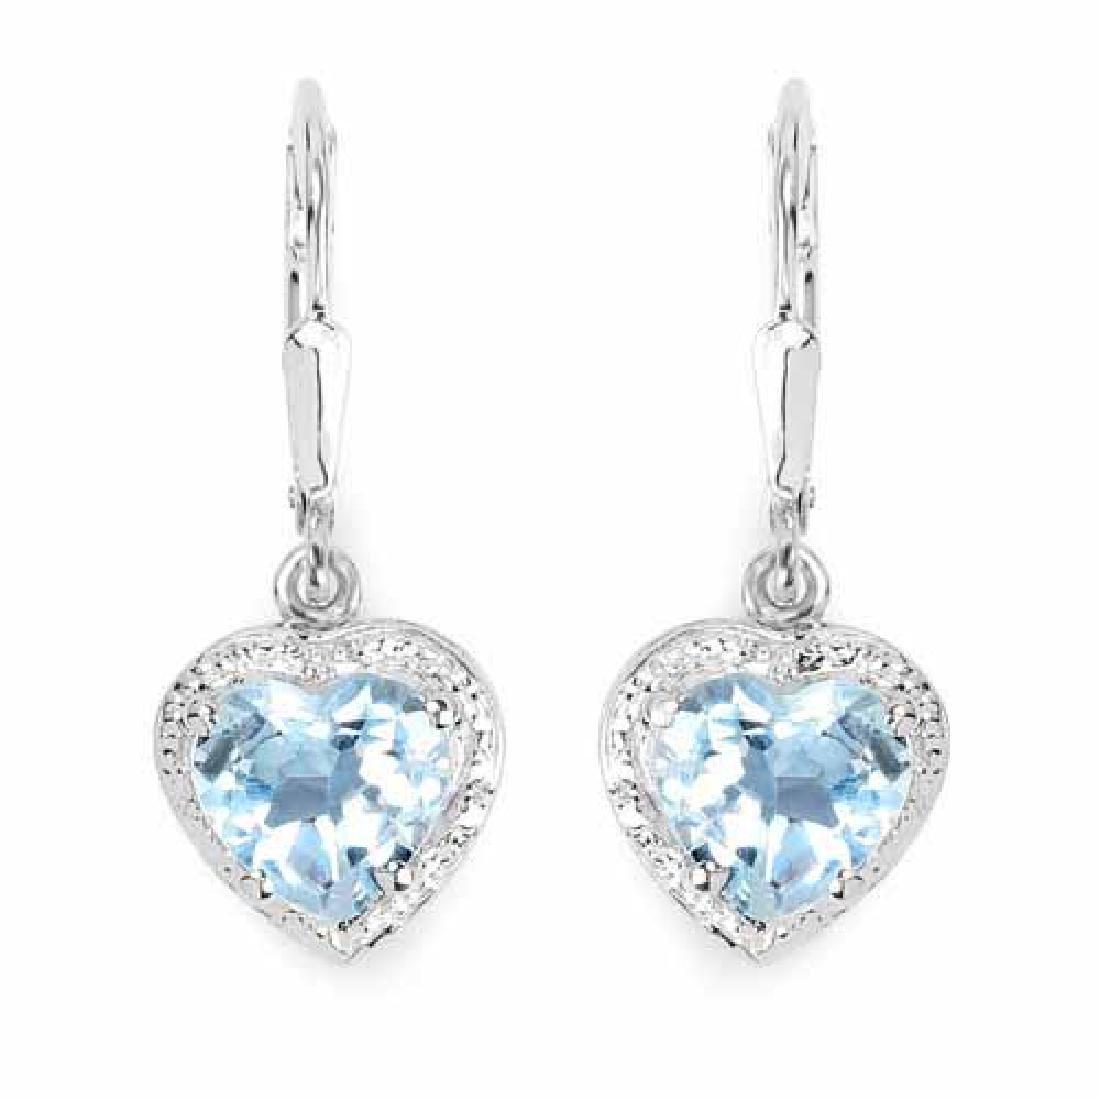 4.00 Carat Genuine Blue Topaz .925 Sterling Silver Earr